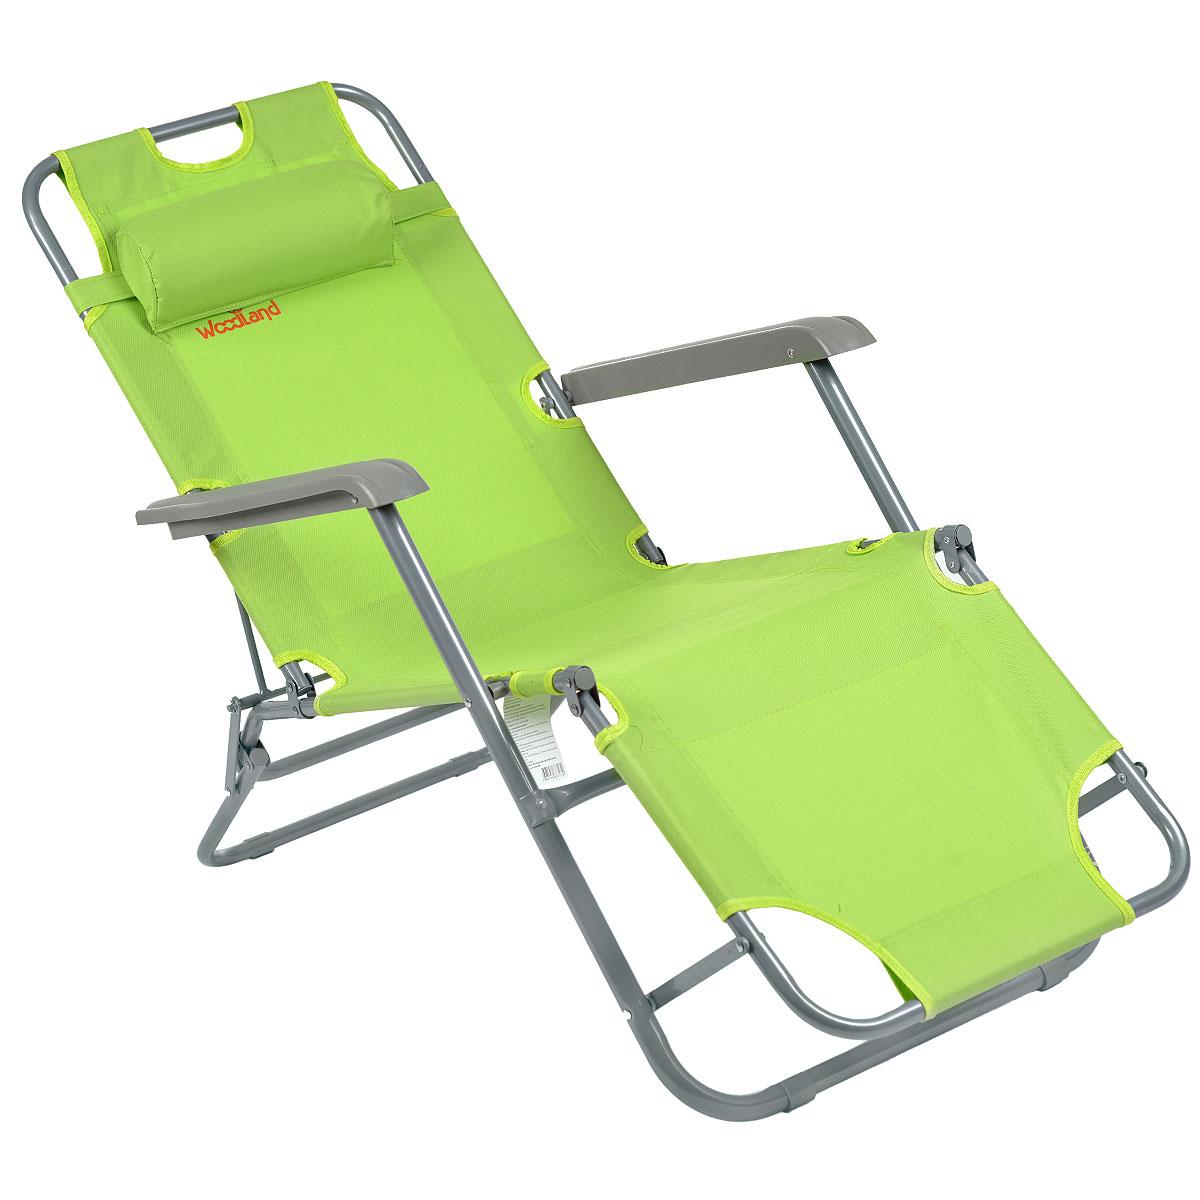 Кресло складное Woodland Lounger Oxford, цвет: зеленый, 153 см х 60 см х 79 см0049669Складное кресло Woodland Woodland Lounger Oxford предназначено для создания комфортных условий в туристических походах, охоте, рыбалке и кемпинге. Особенности: Компактная складная конструкция. Прочный стальной каркас с покрытием, диаметр 19 мм и 25 мм. Прочная ткань Oxford 600 обладает повышенной износостойкостью.